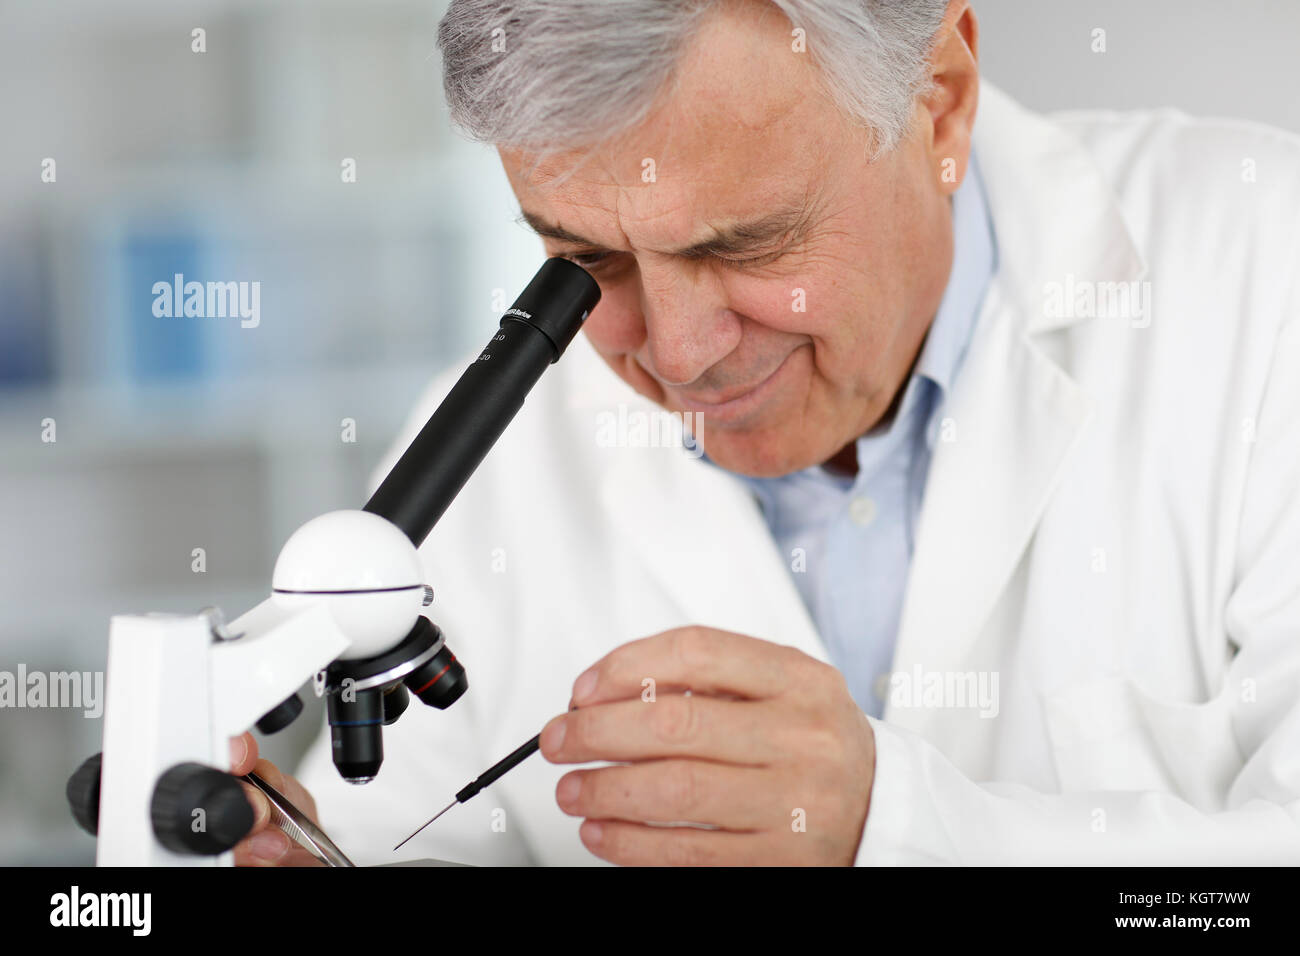 Wissenschaftler im Labor Mikroskop Objektiv durchsehen Stockbild